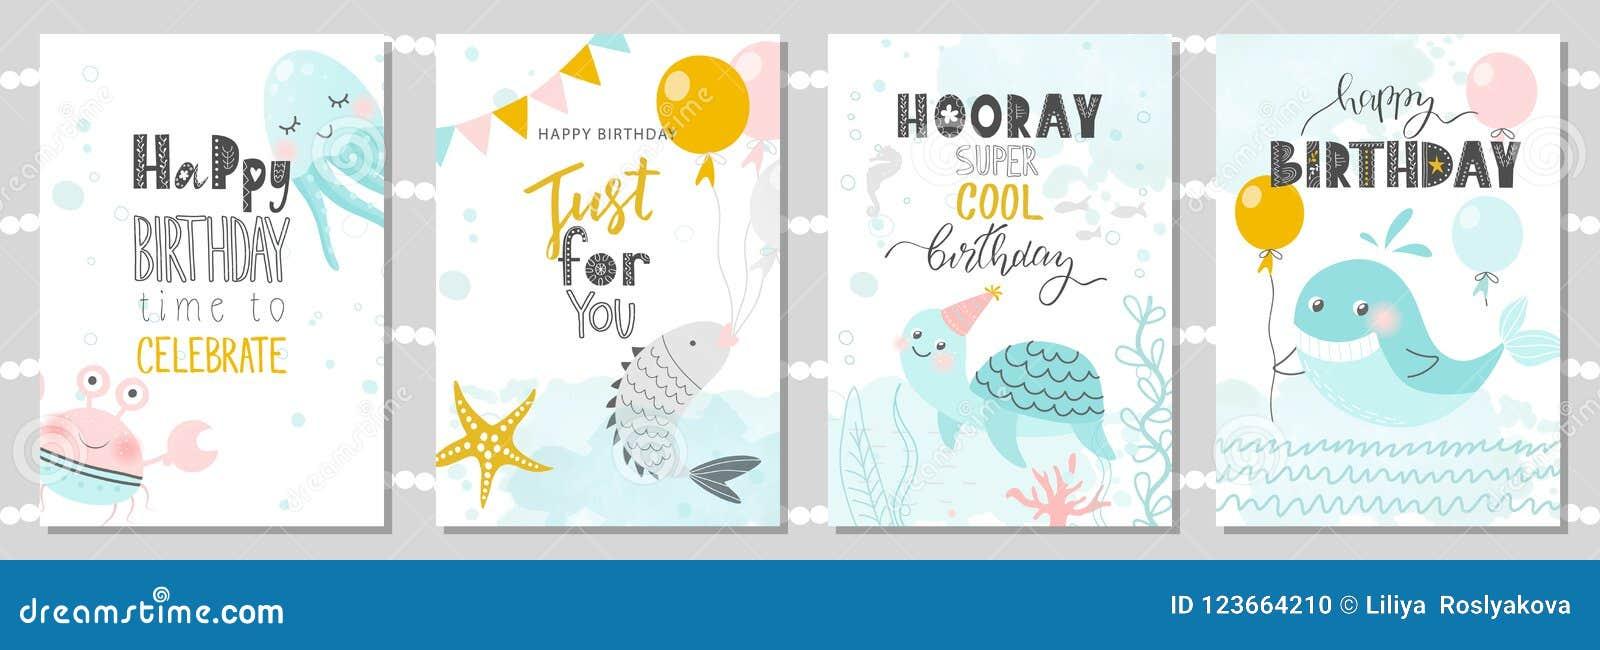 Σύνολο ευχετήριων καρτών γενεθλίων και προτύπων πρόσκλησης κομμάτων με το χαριτωμένες καβούρι, το χταπόδι, τα ψάρια, τη χελώνα κα